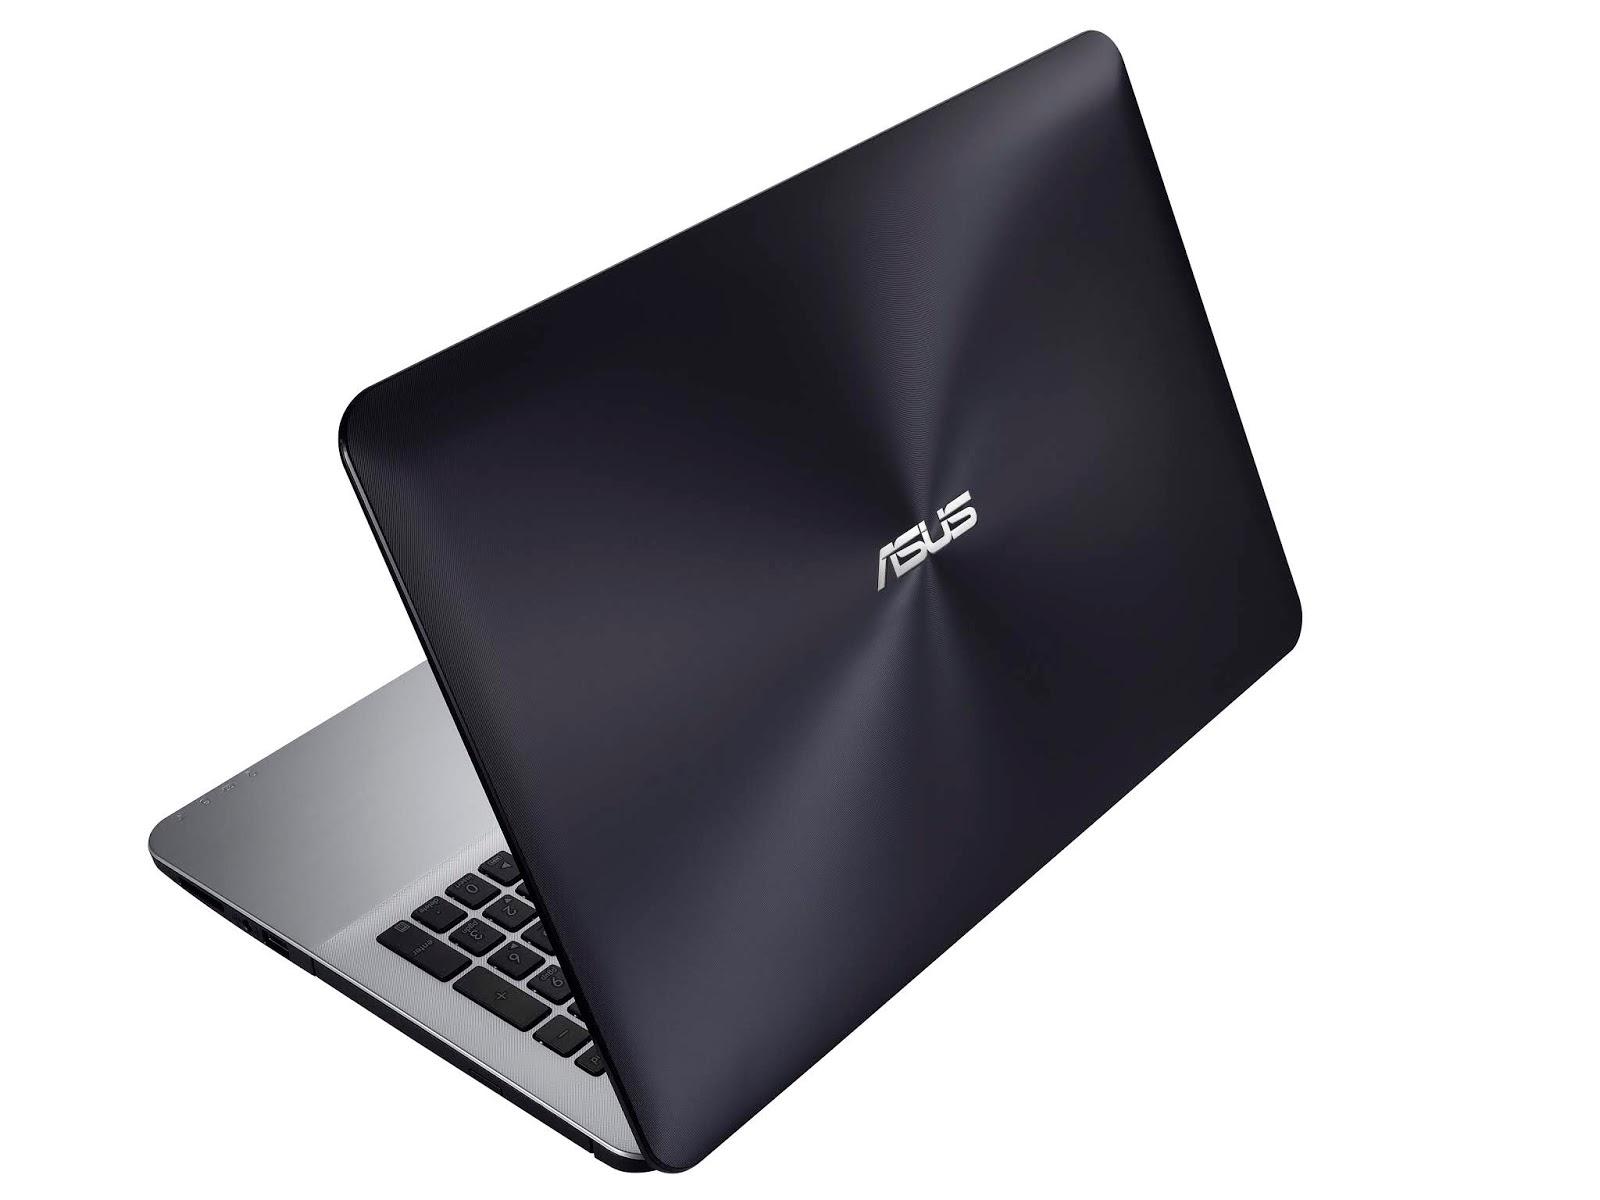 Dengan melihat kriteria tersebut saya mencoba googling laptop mana sih yang memiliki spesifikasi seperti itu Dan hasil pencarian saya bertemu pada sebuah